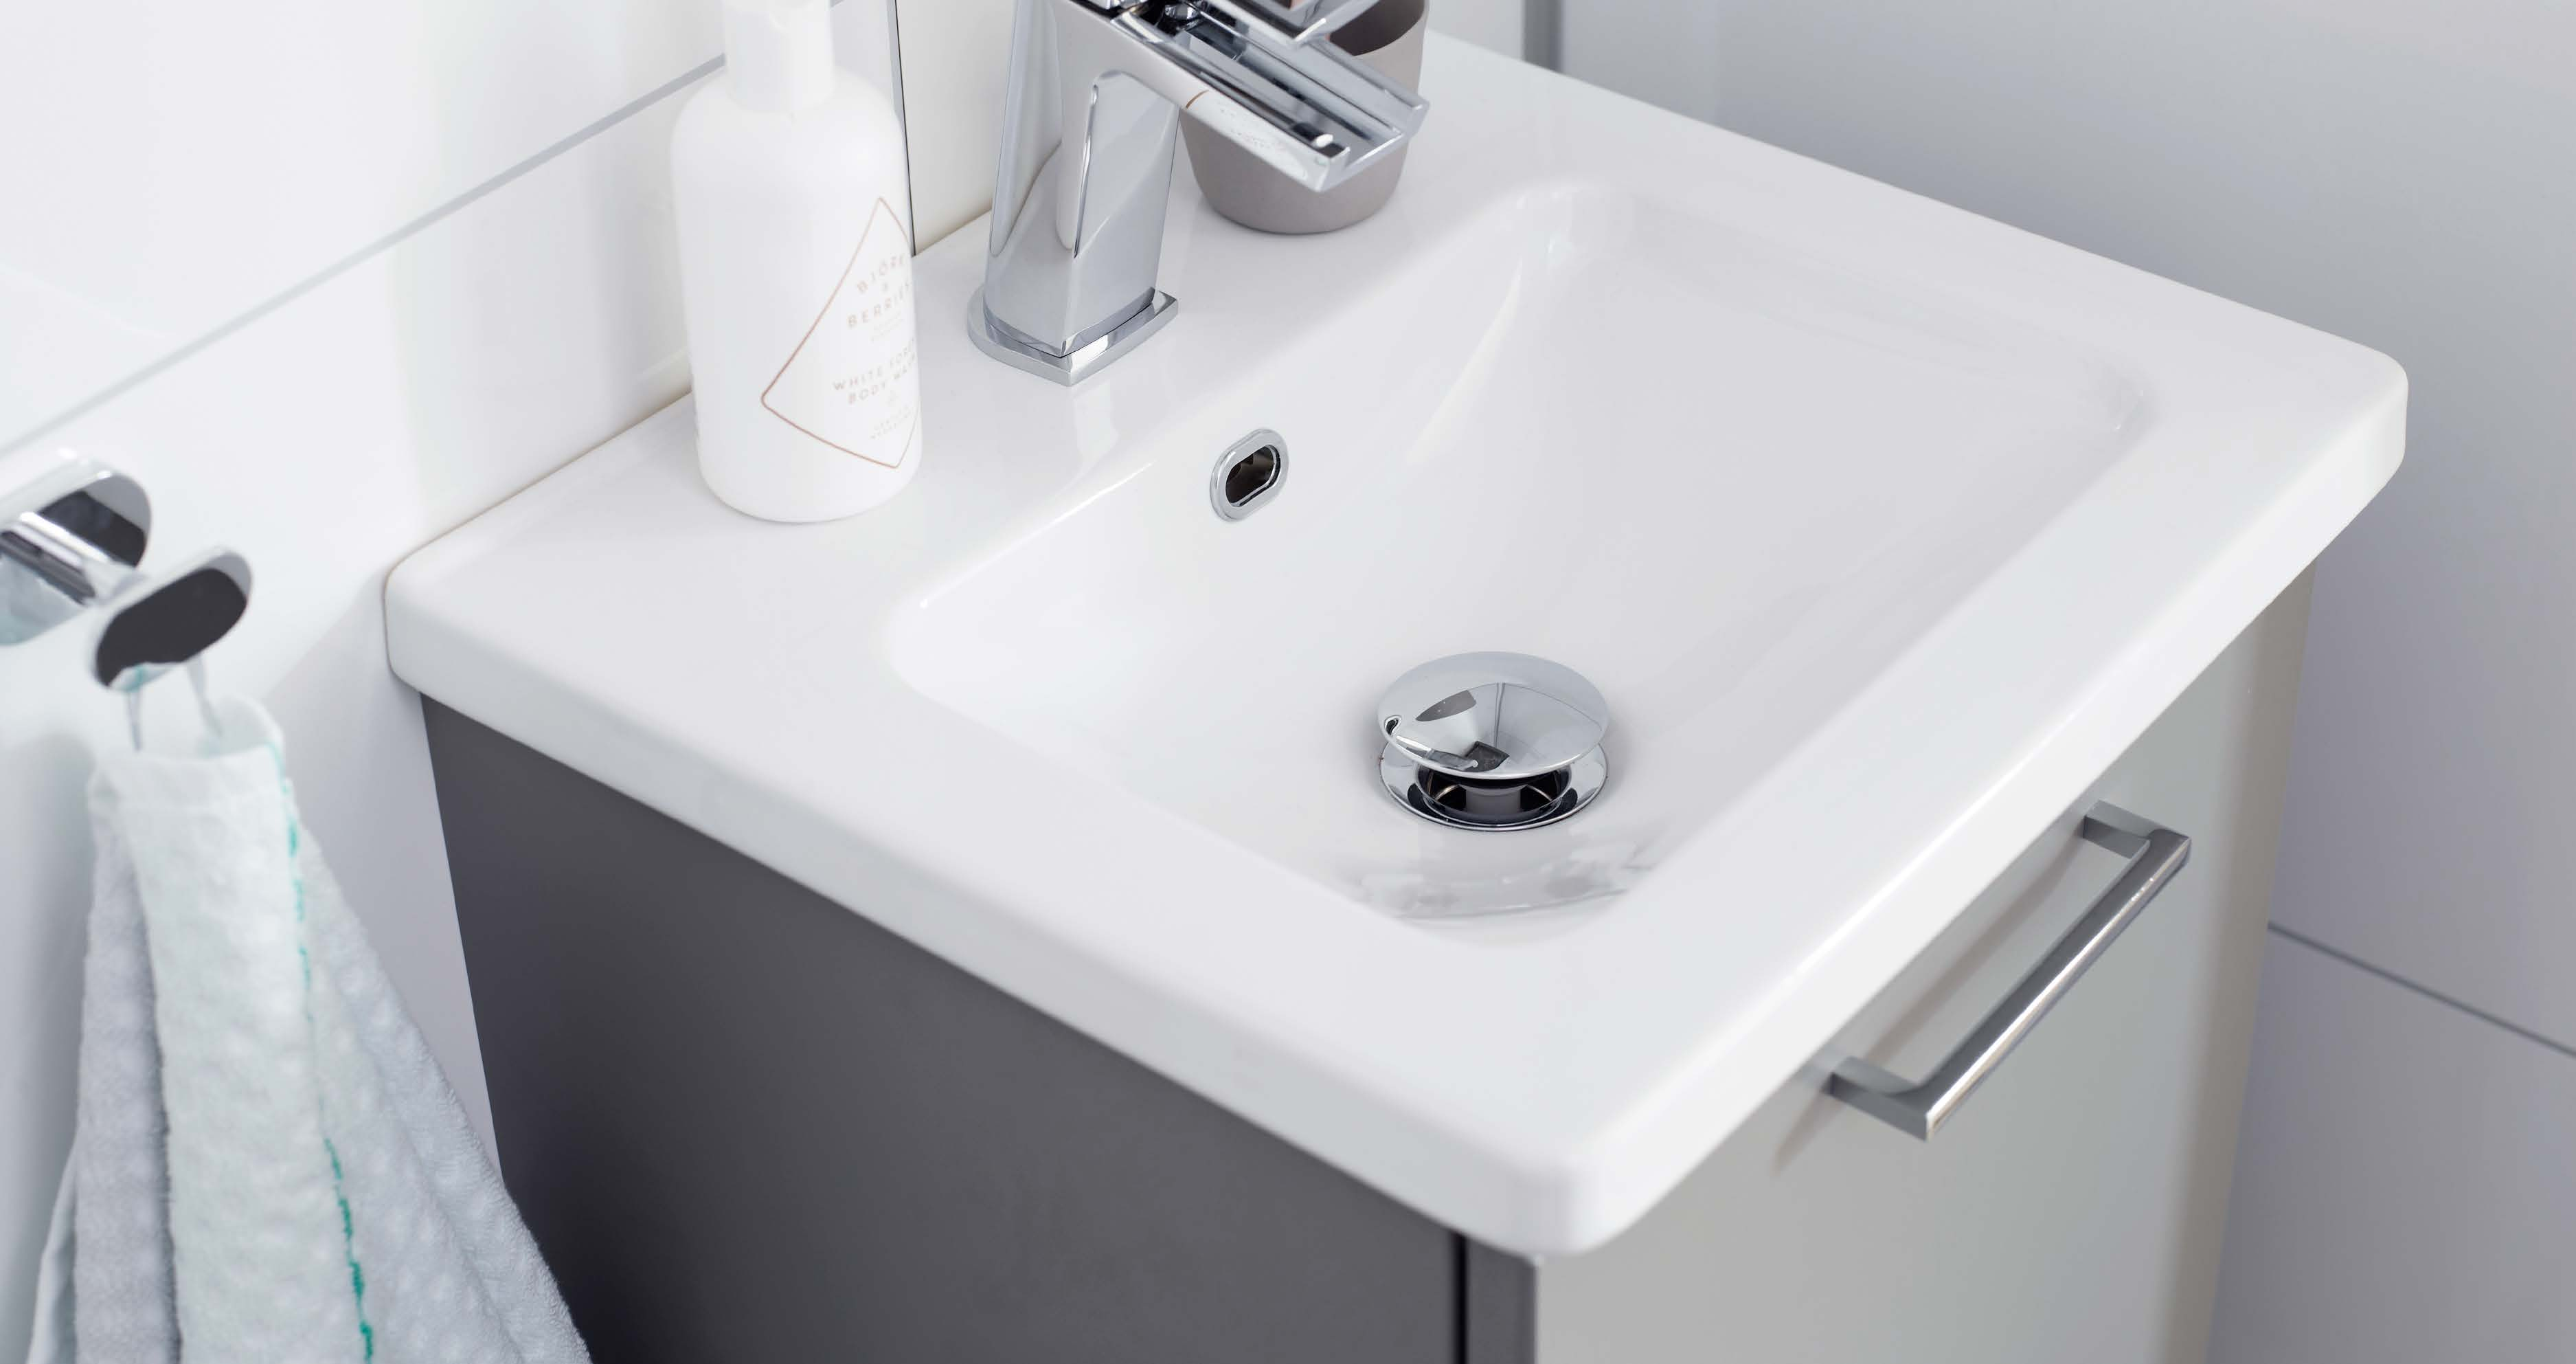 Trendig design för det lilla badrummet - Nytt kök badrum och ...